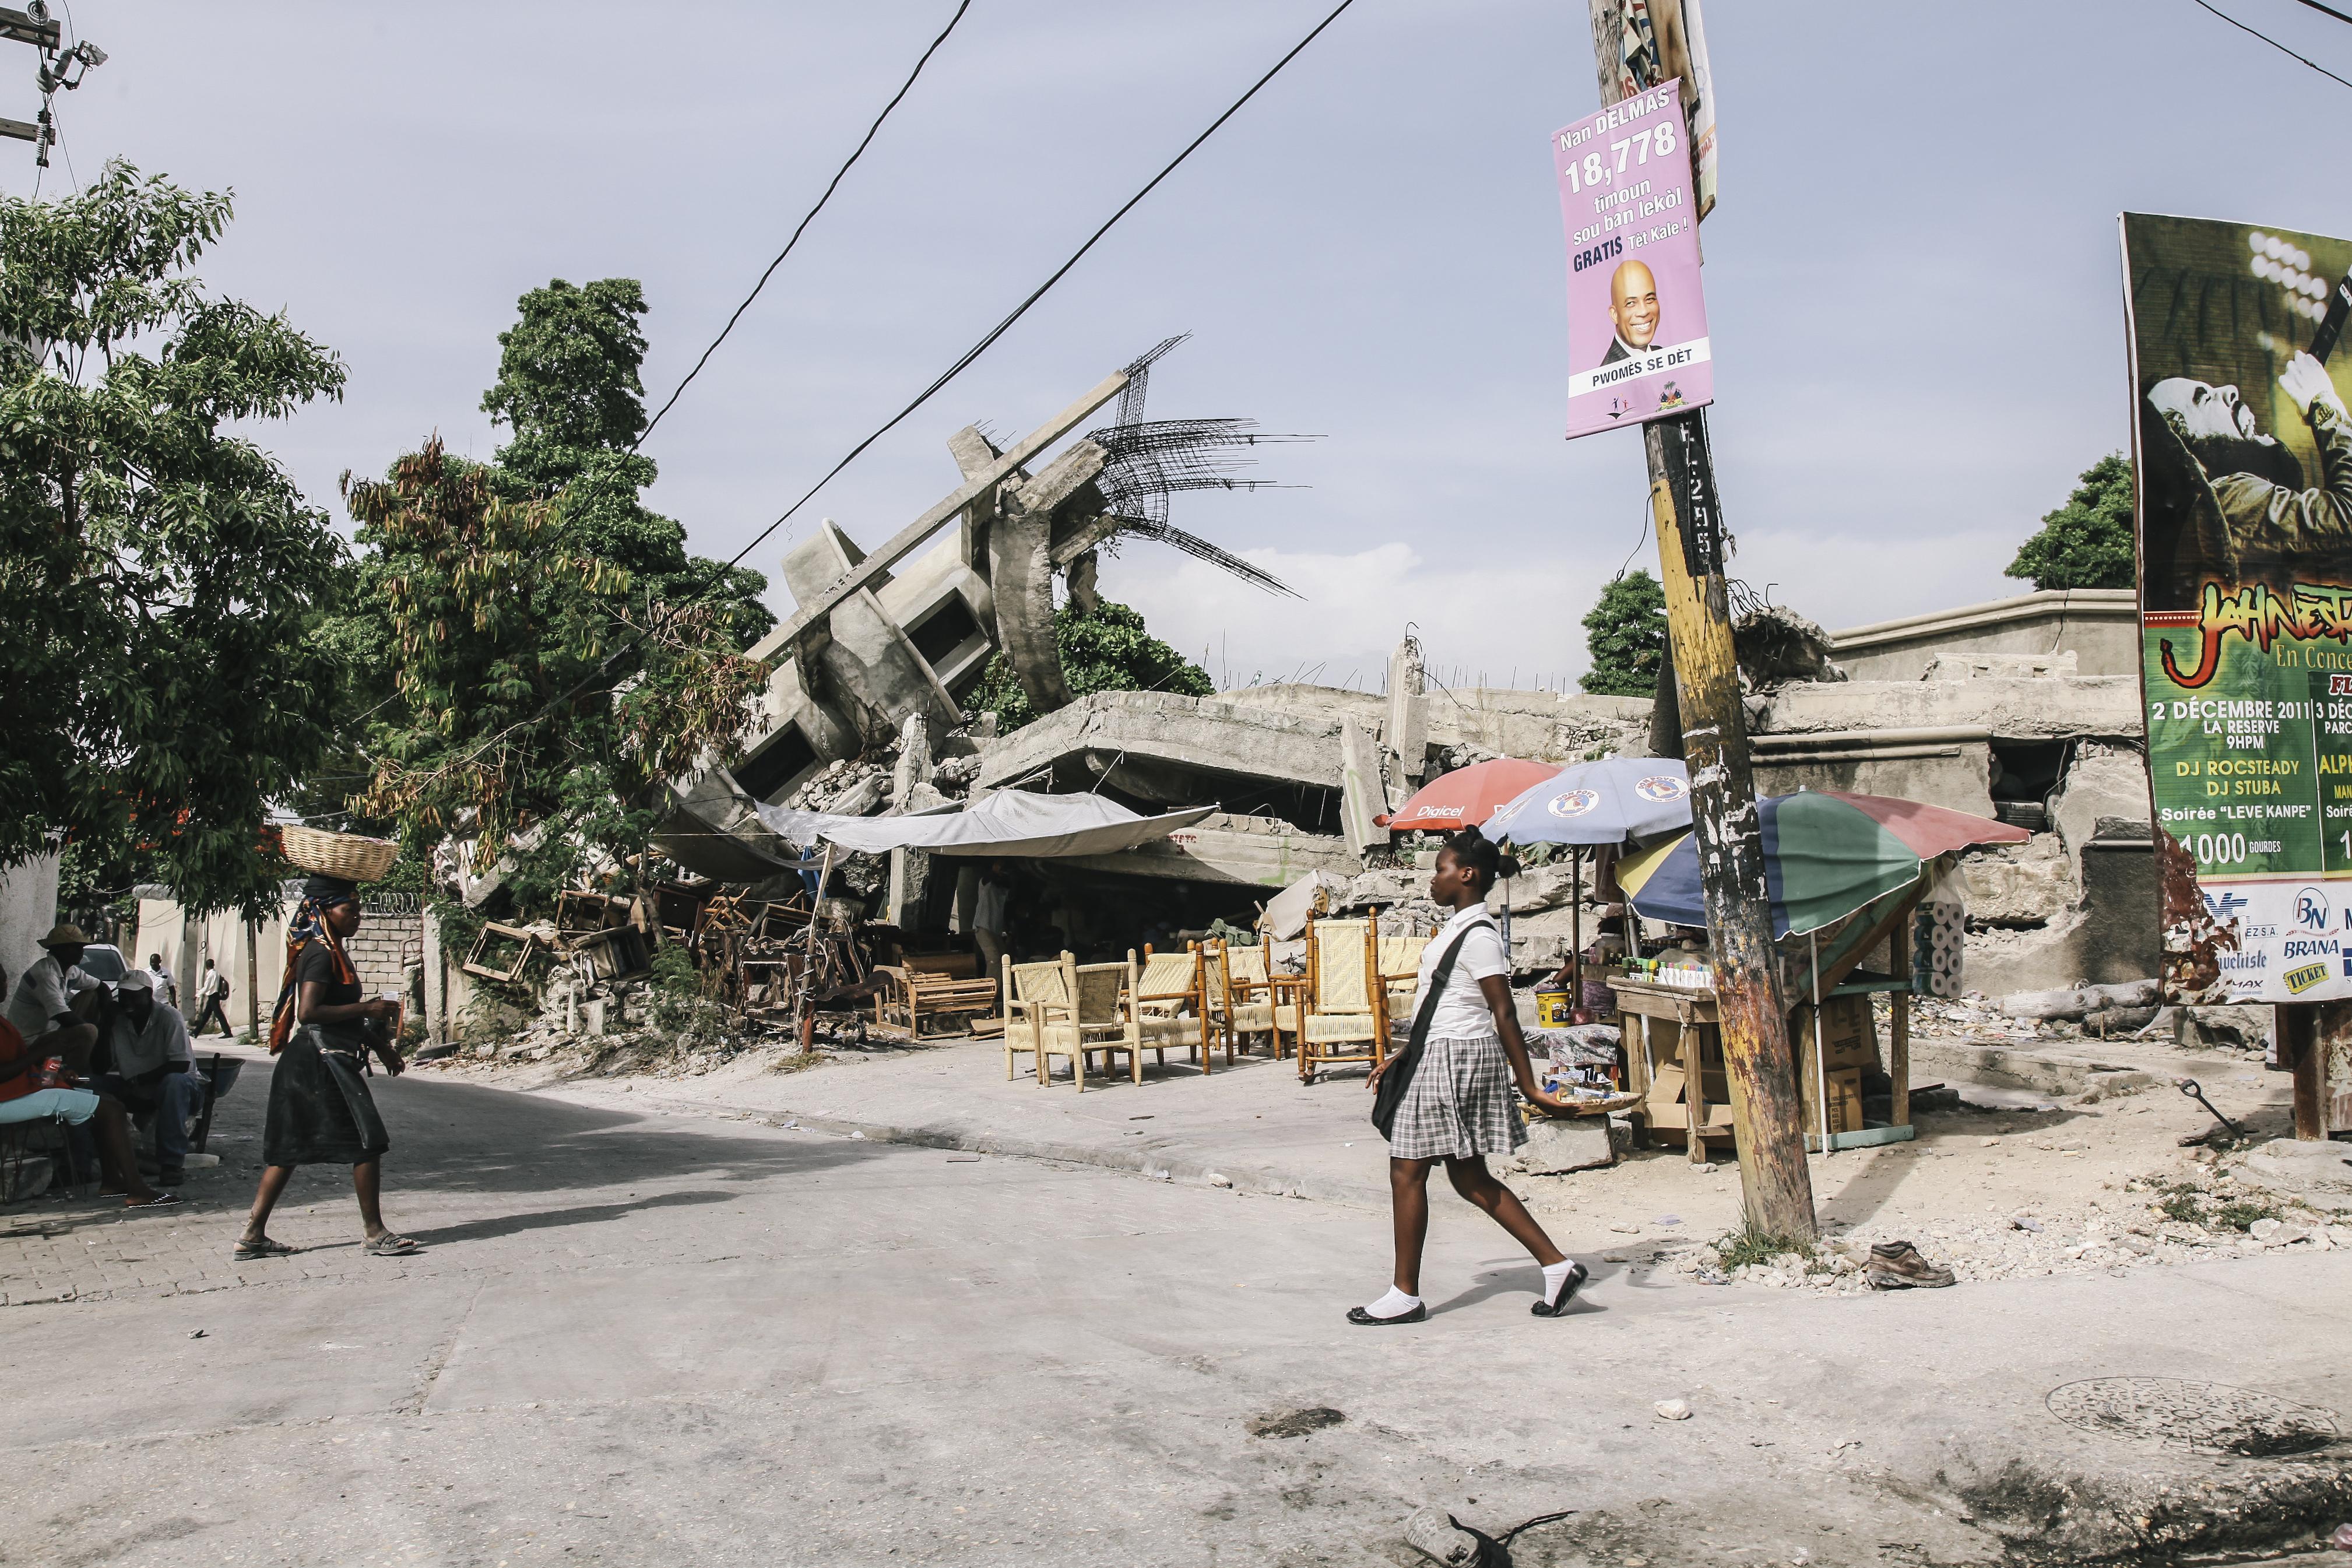 RF_Haiti_NEU-66